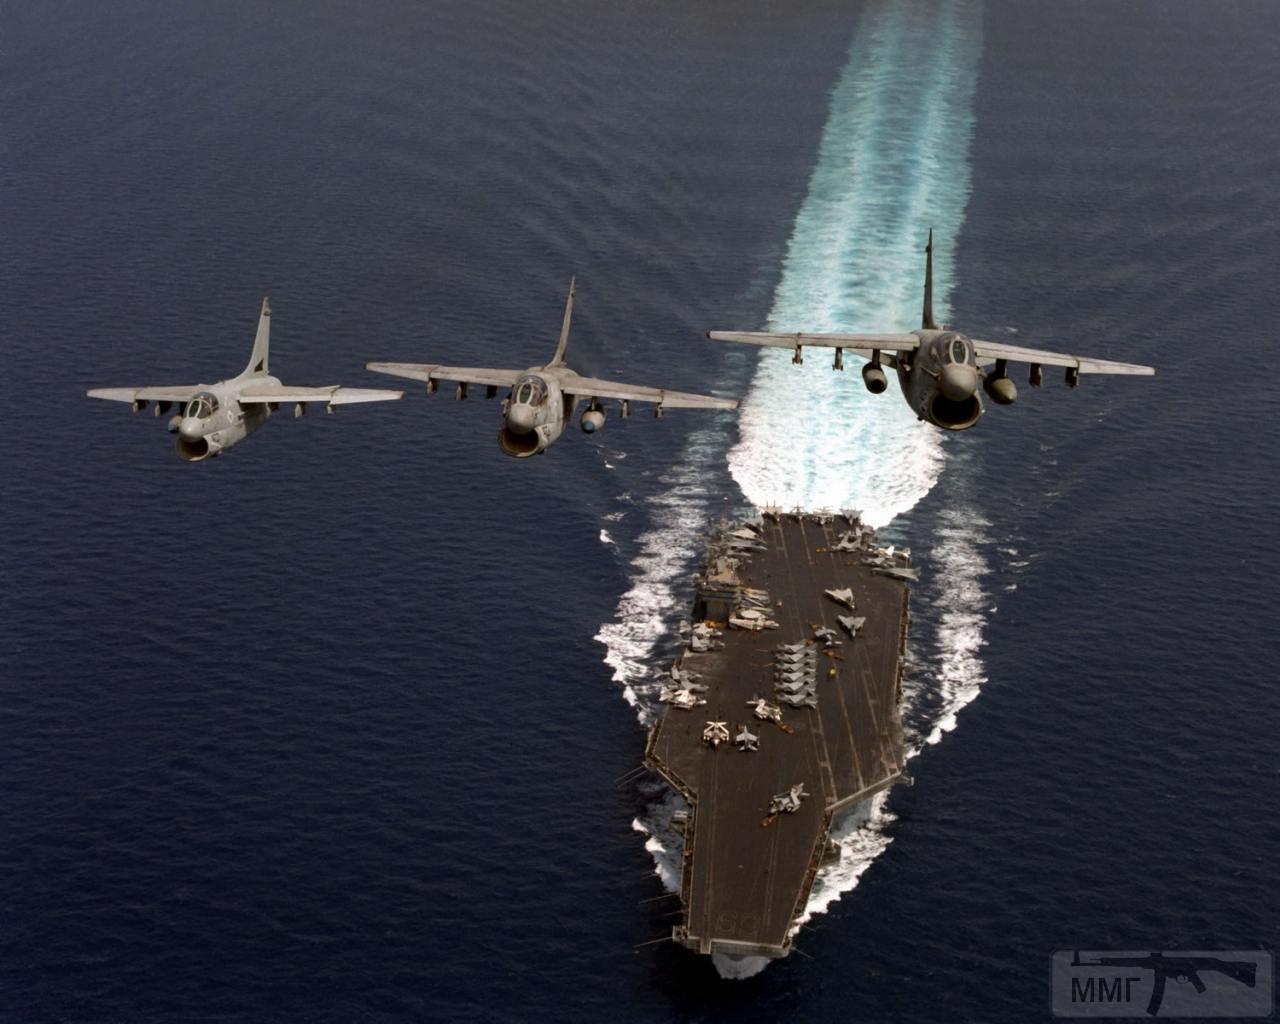 50882 - Красивые фото и видео боевых самолетов и вертолетов